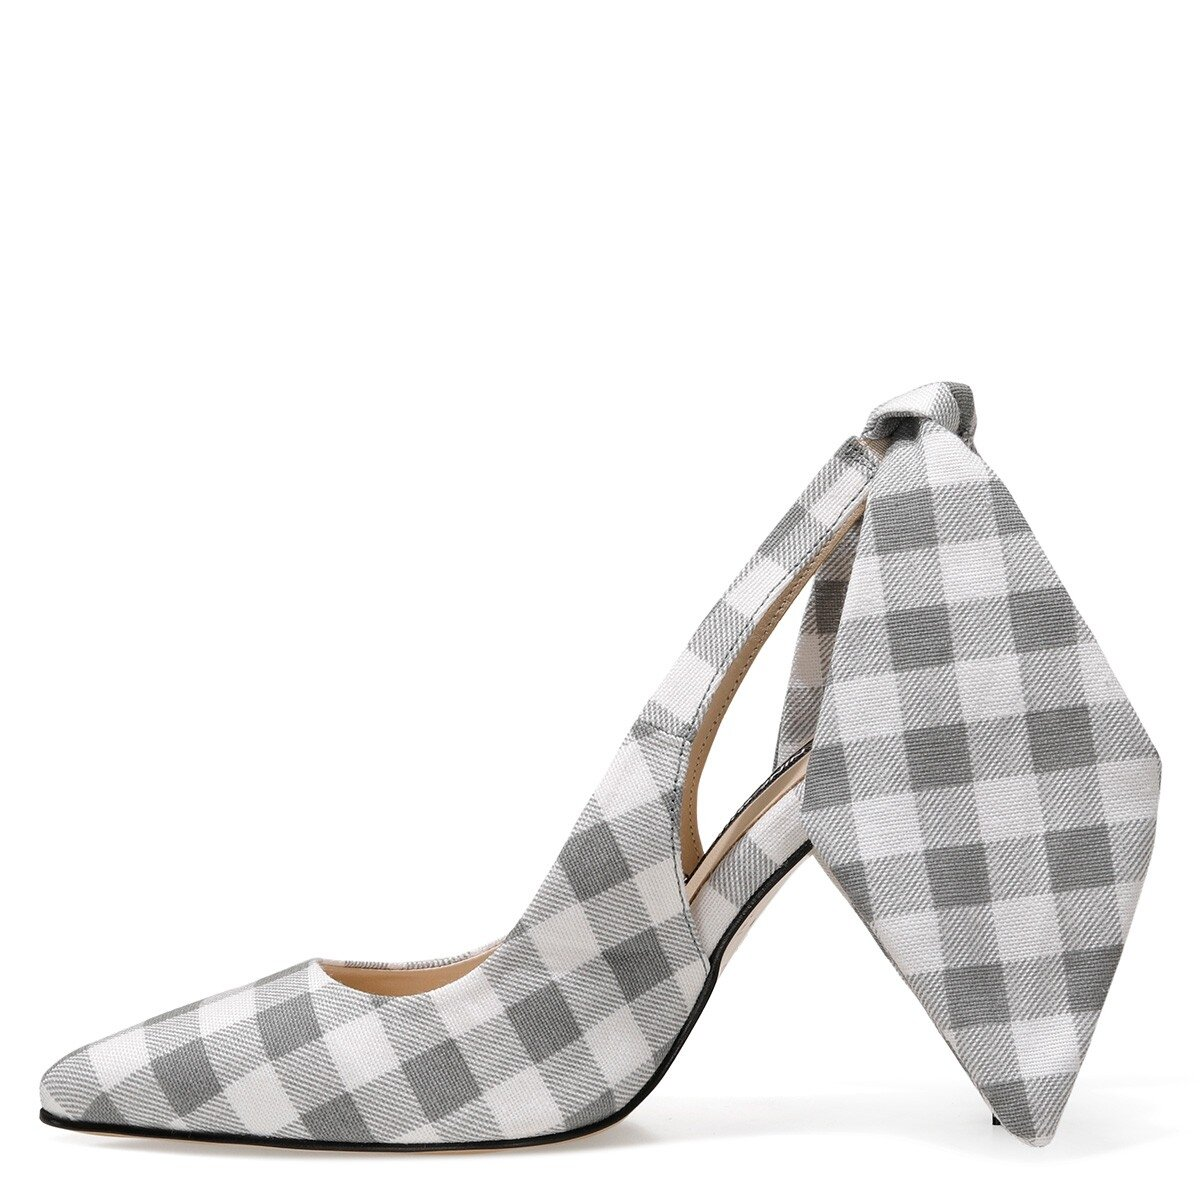 MILU 1FX Gri Kadın Gova Ayakkabı